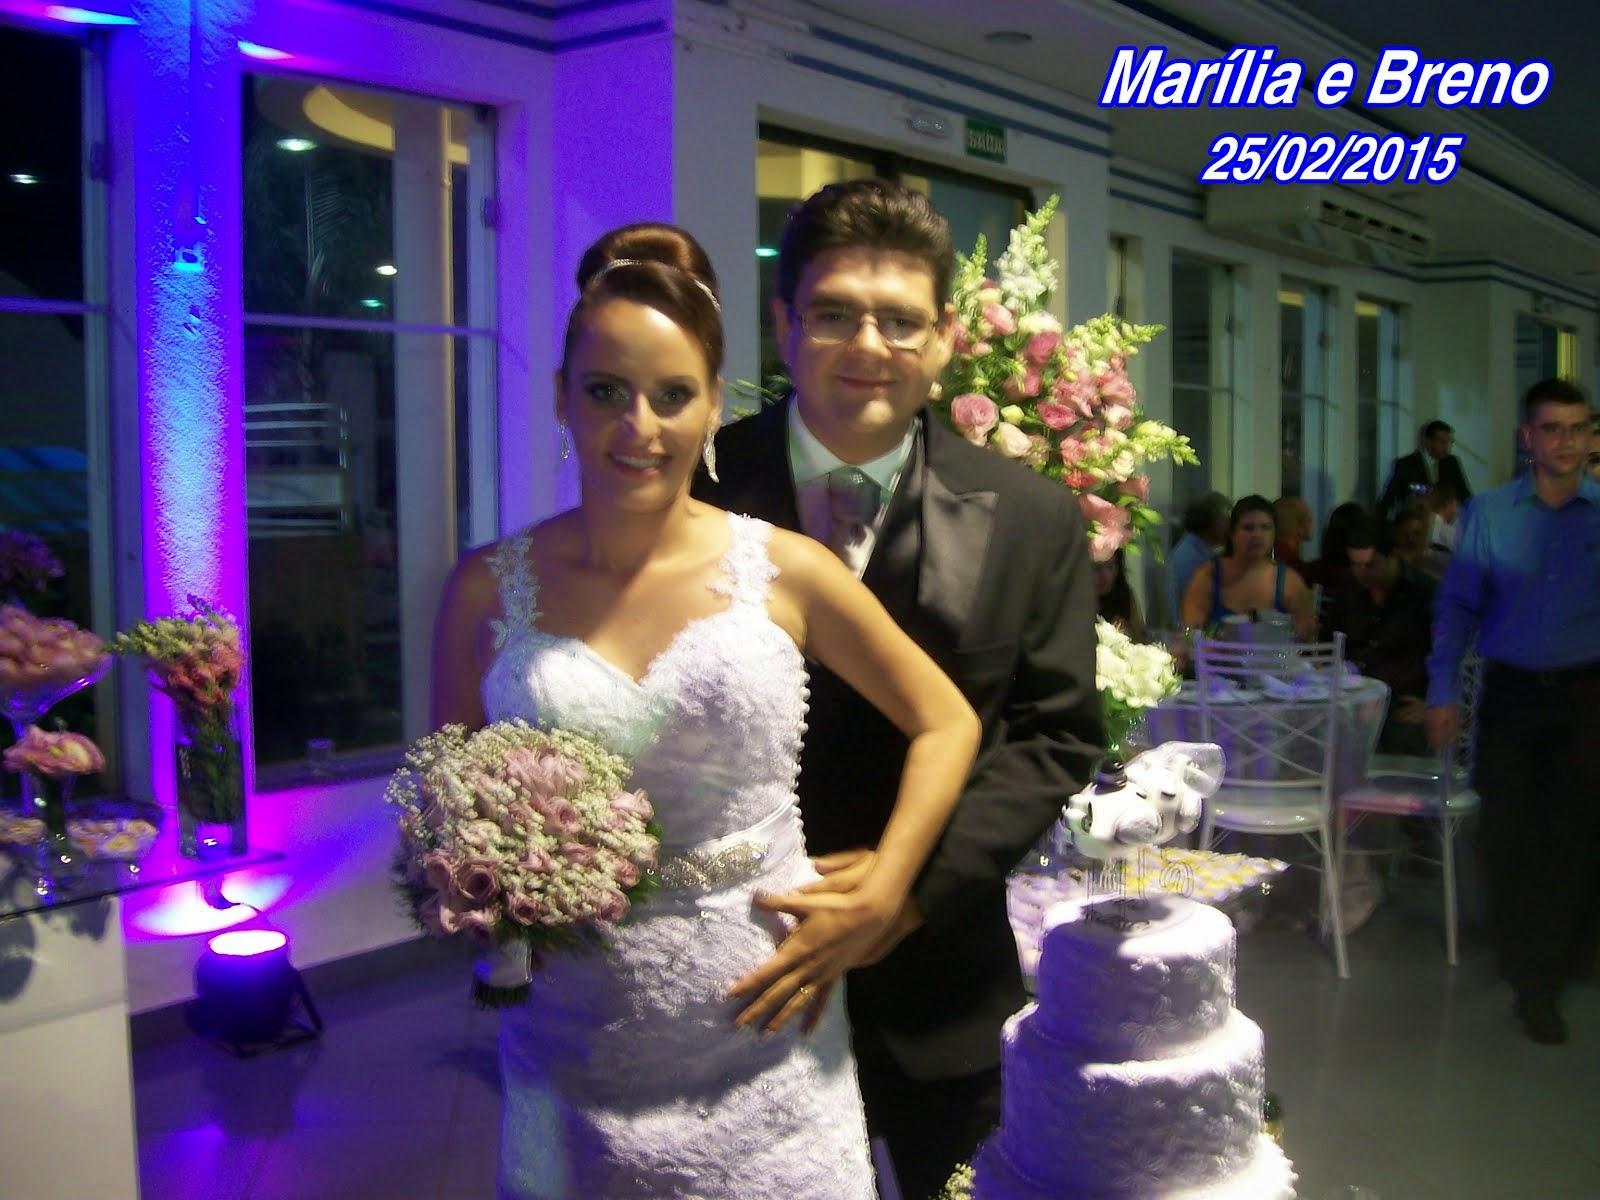 Marília e Breno